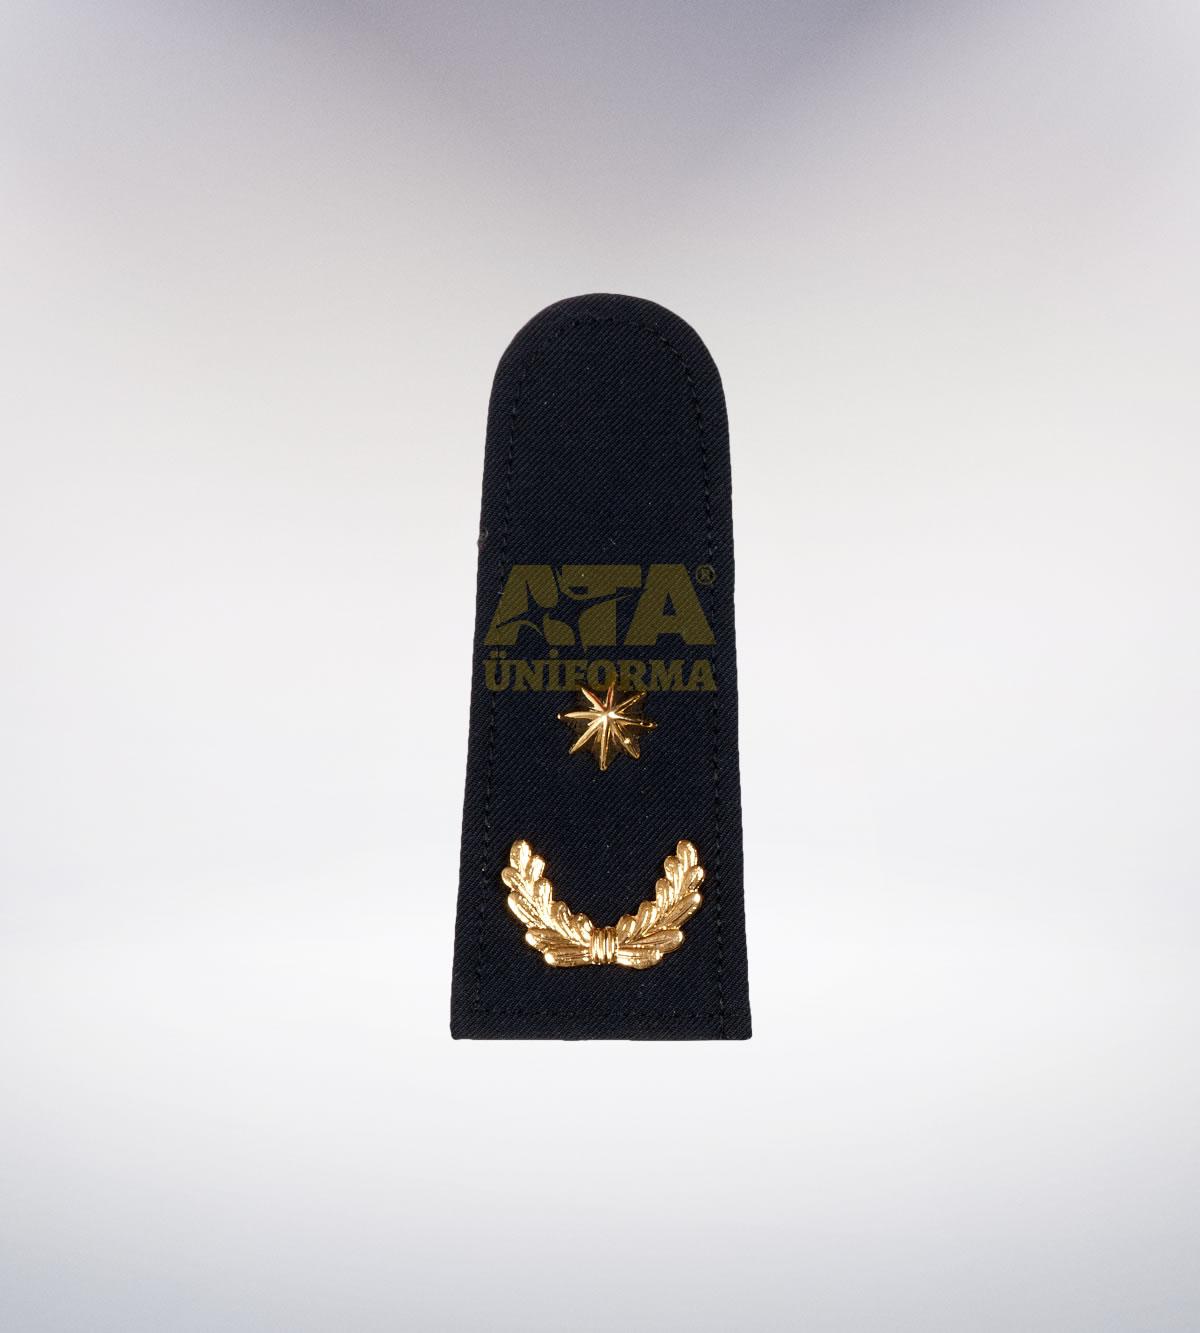 ATA-1004 Polis apolet - polis elbiseleri | polis üniformaları | polis kıyafetleri